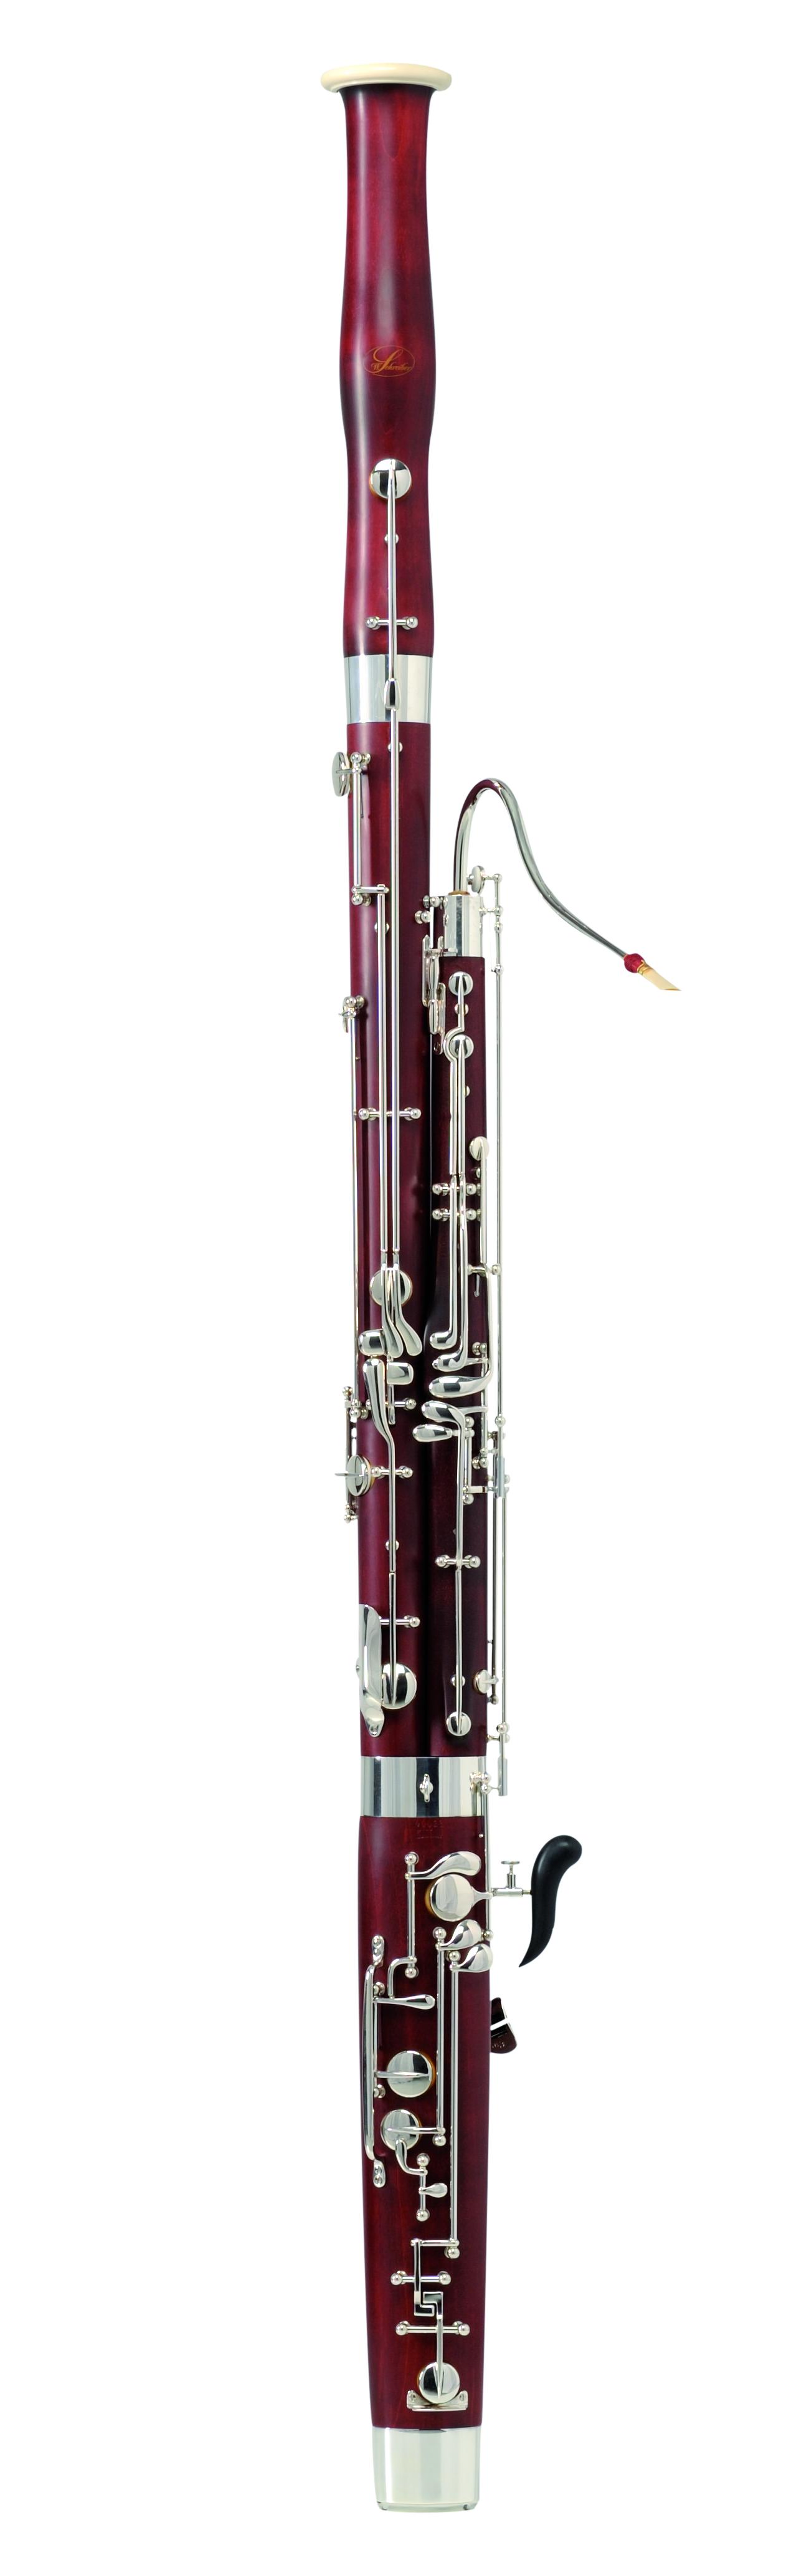 Schreiber - WS5013 - 2 - 0 - S13 - Holzblasinstrumente - Fagotte | MUSIK BERTRAM Deutschland Freiburg